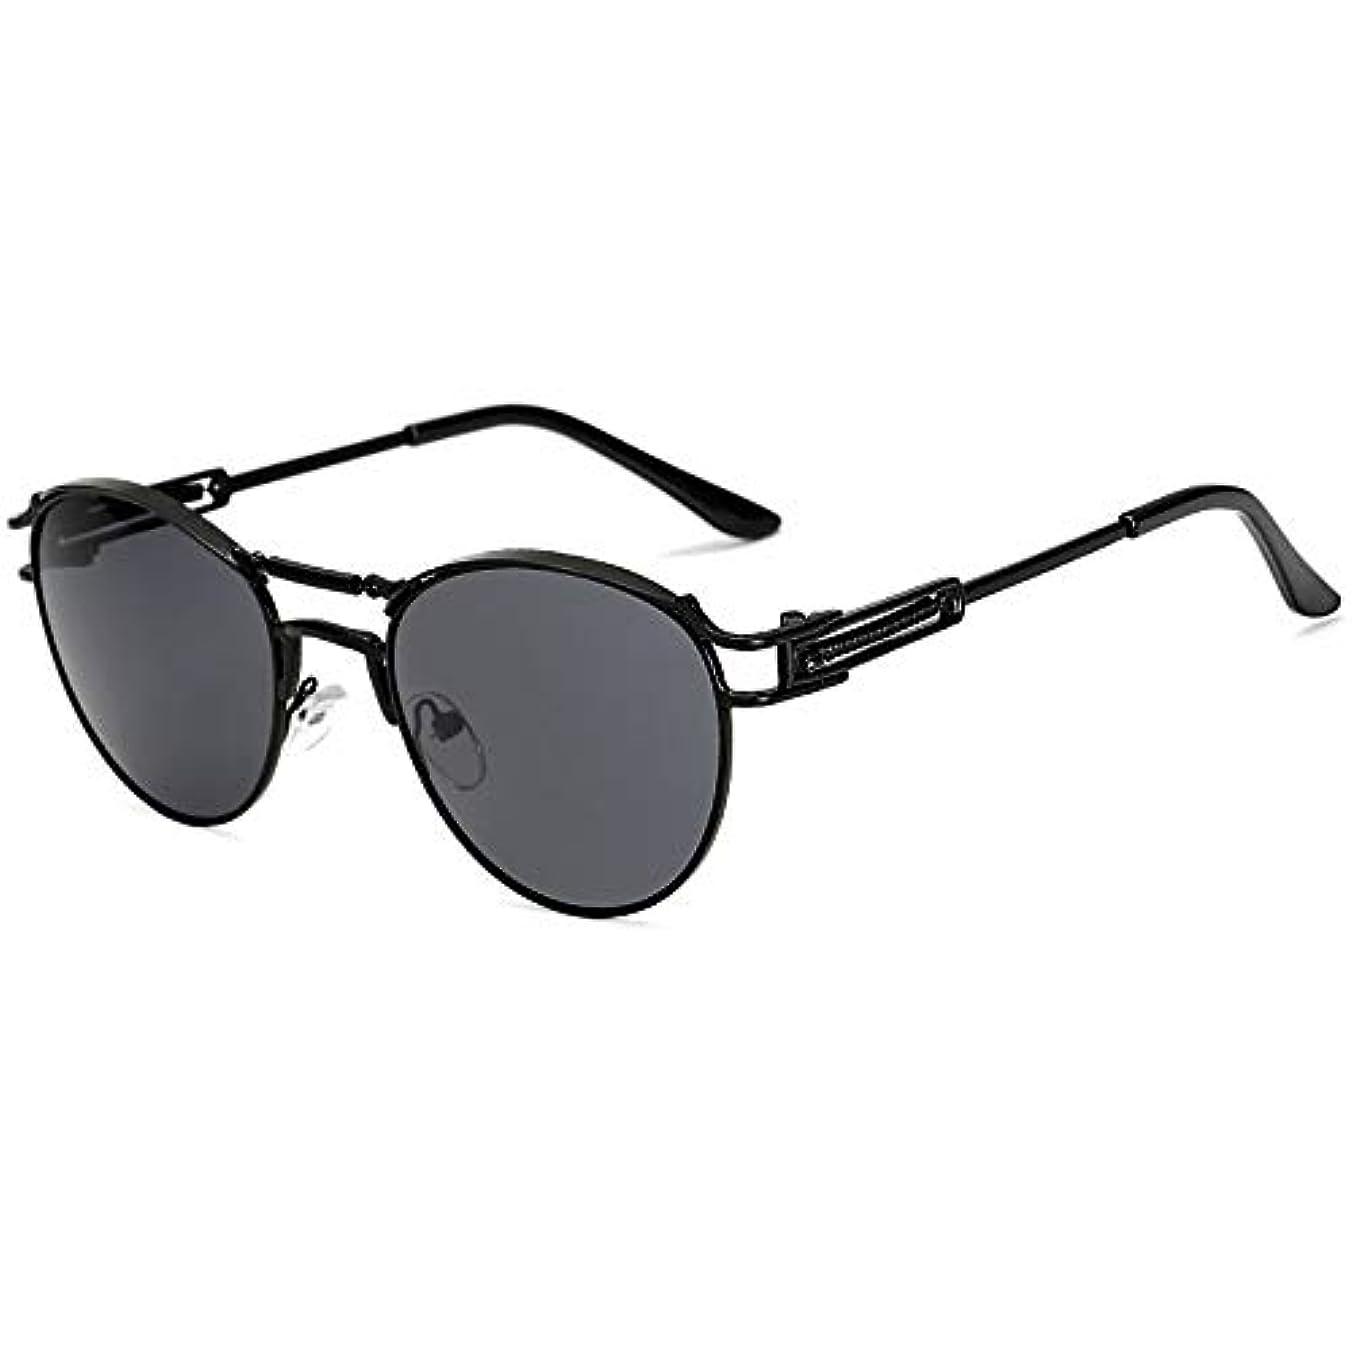 決定的固執甘美なスポーツサングラス、エクストリームスポーツサングラス調節可能な鼻パッド、細い日焼け止め、屋外レクリエーション GU-36 (Black)